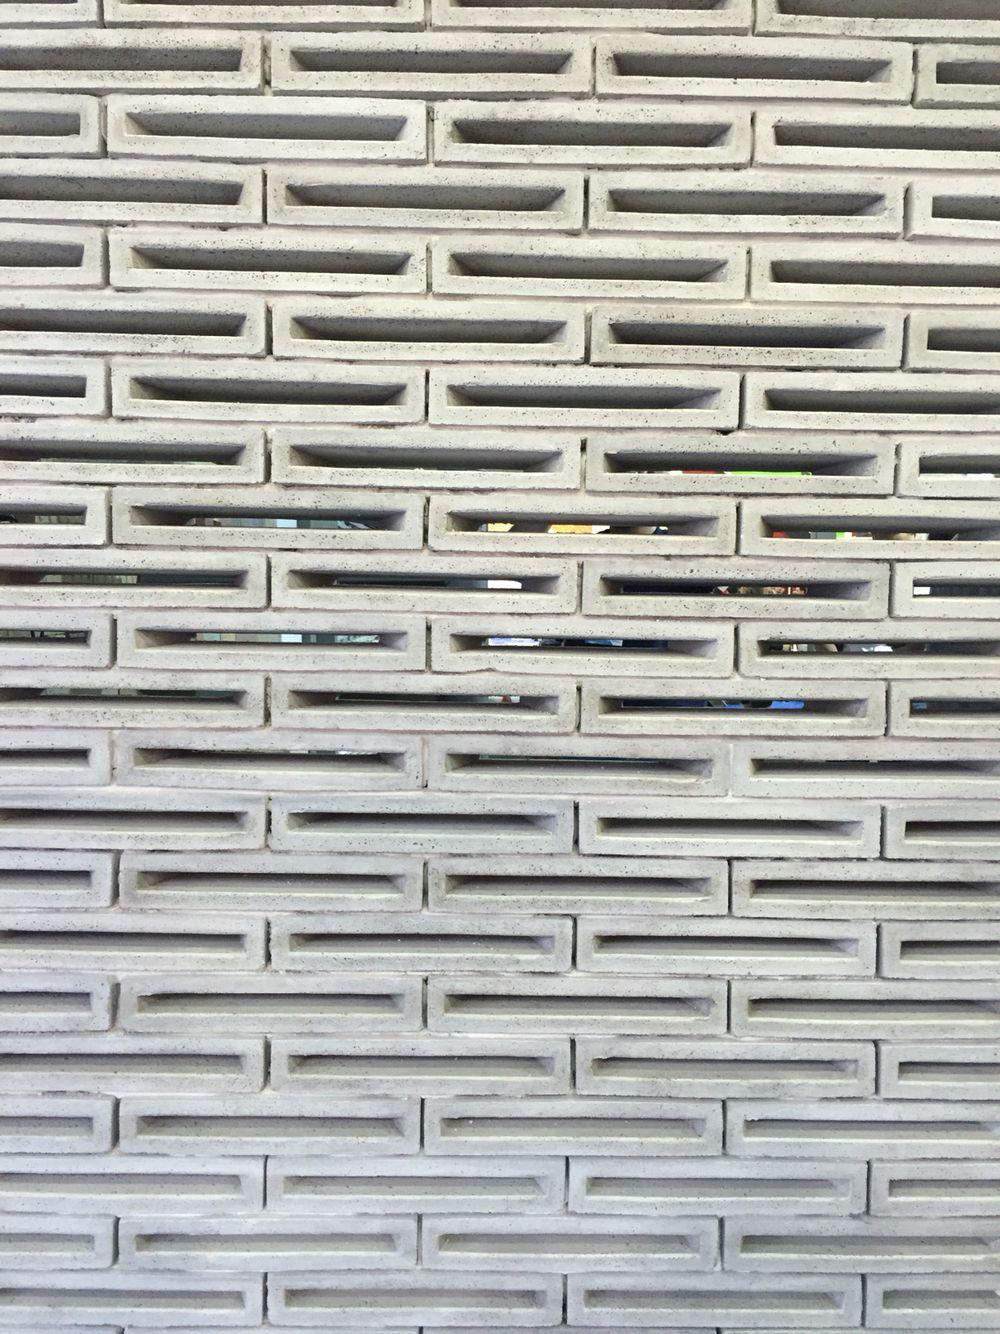 Concrete Brick Lattice Design Mexico Concrete Block Walls Concrete Blocks Concrete Bricks